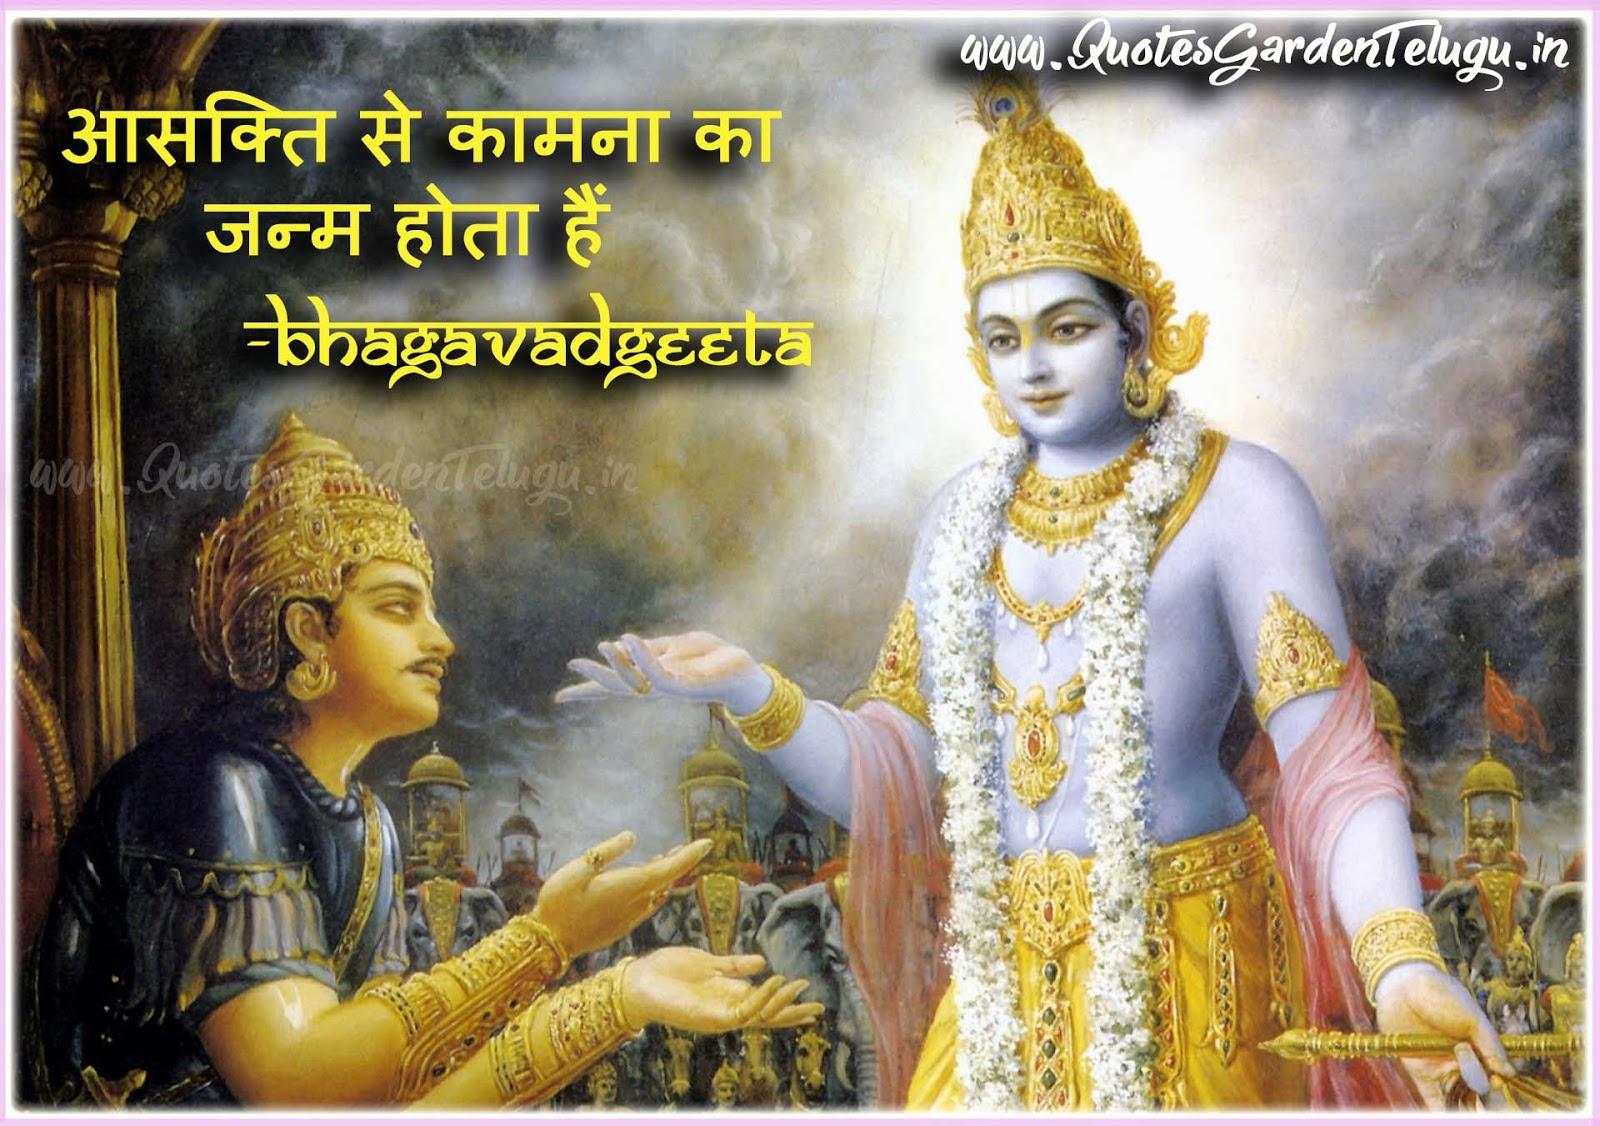 shrimad bhagwat geeta in hindi pdf